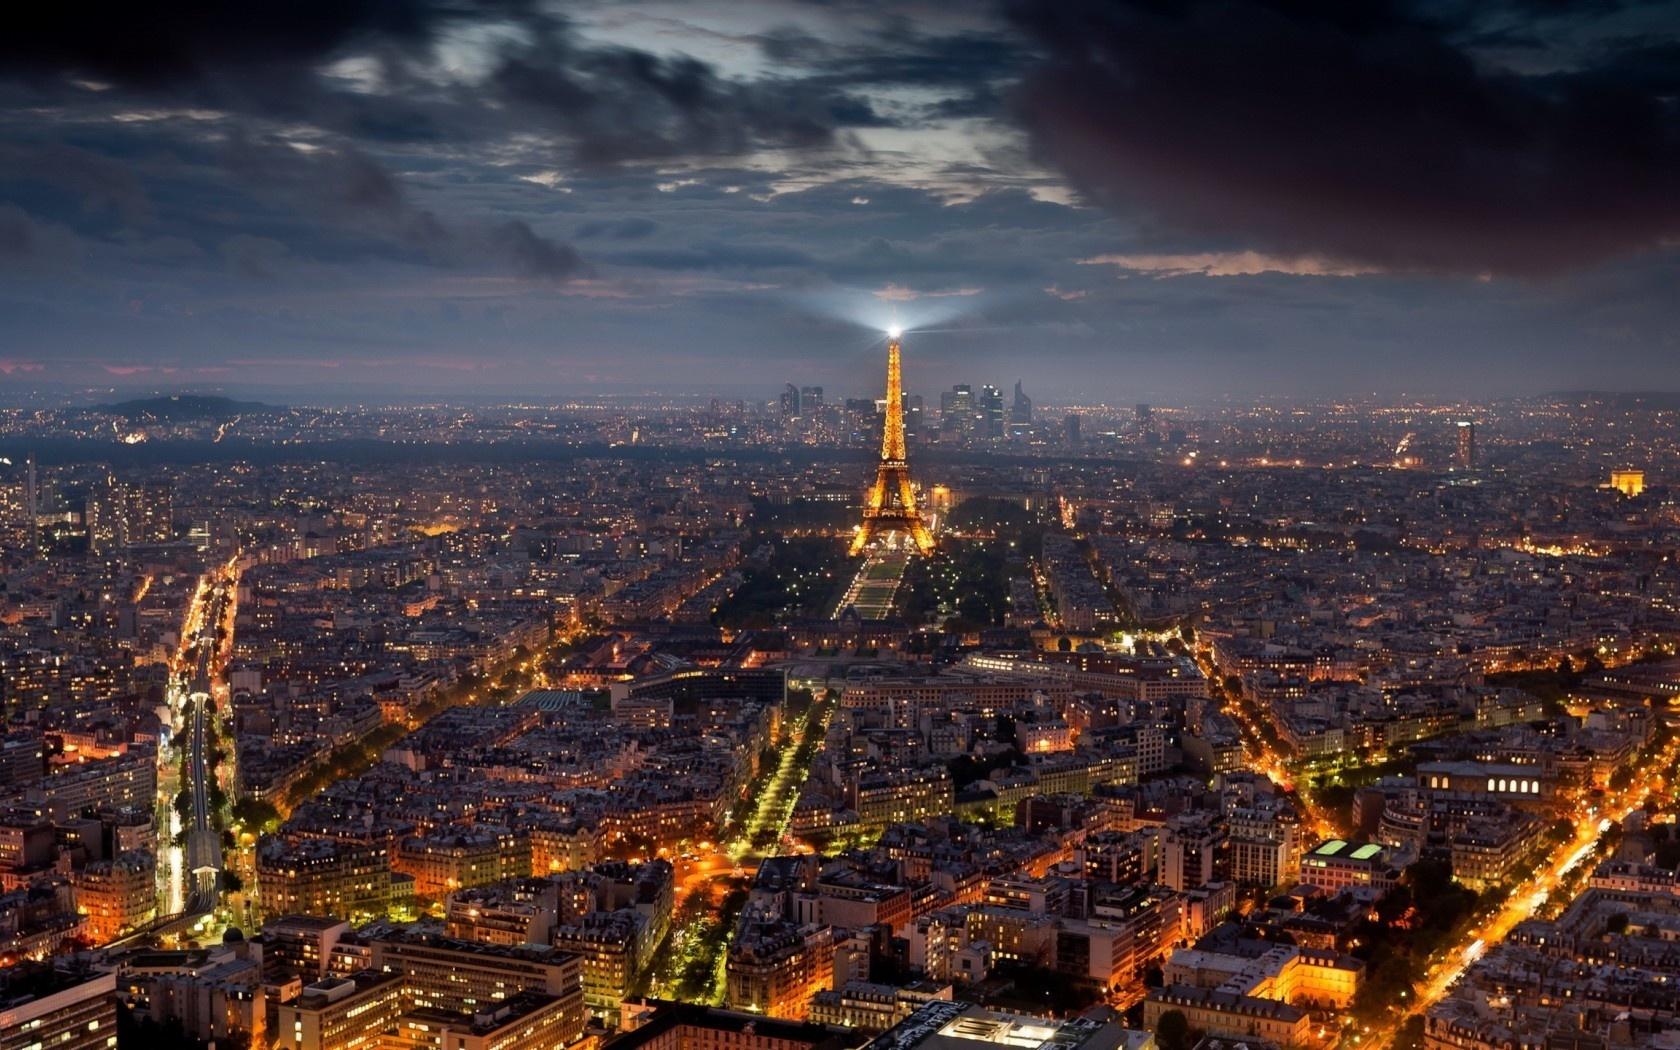 23981 скачать обои Пейзаж, Города, Ночь, Париж, Эйфелева Башня - заставки и картинки бесплатно